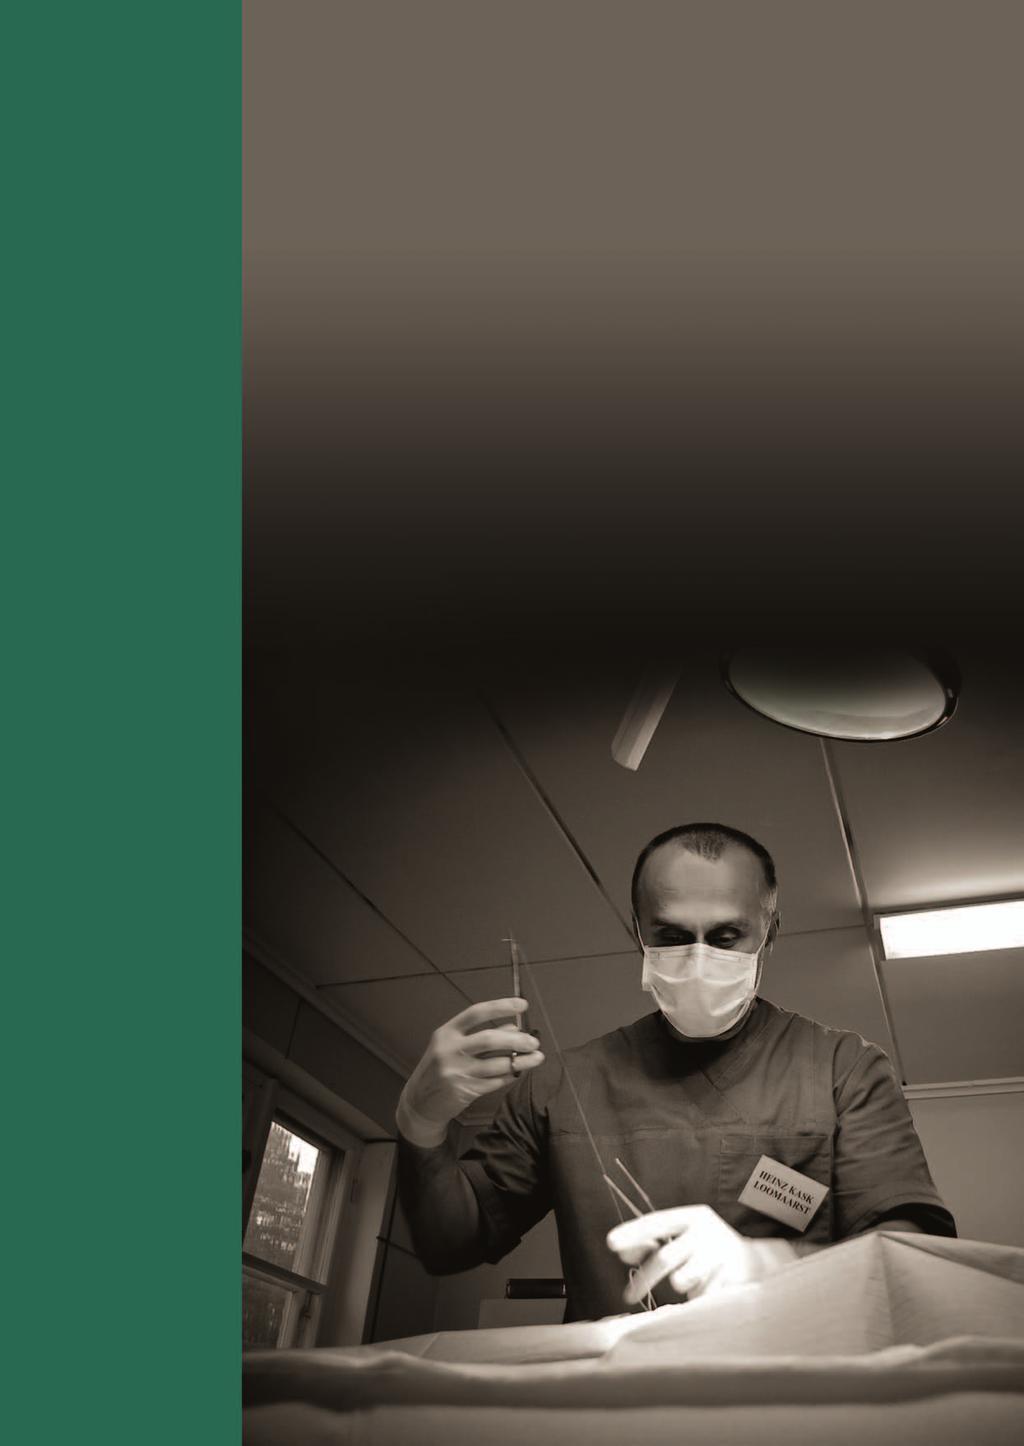 valu ajutisena mandibulaarse liitega kui raviks Liigeste ola liigeste artriidi ravi